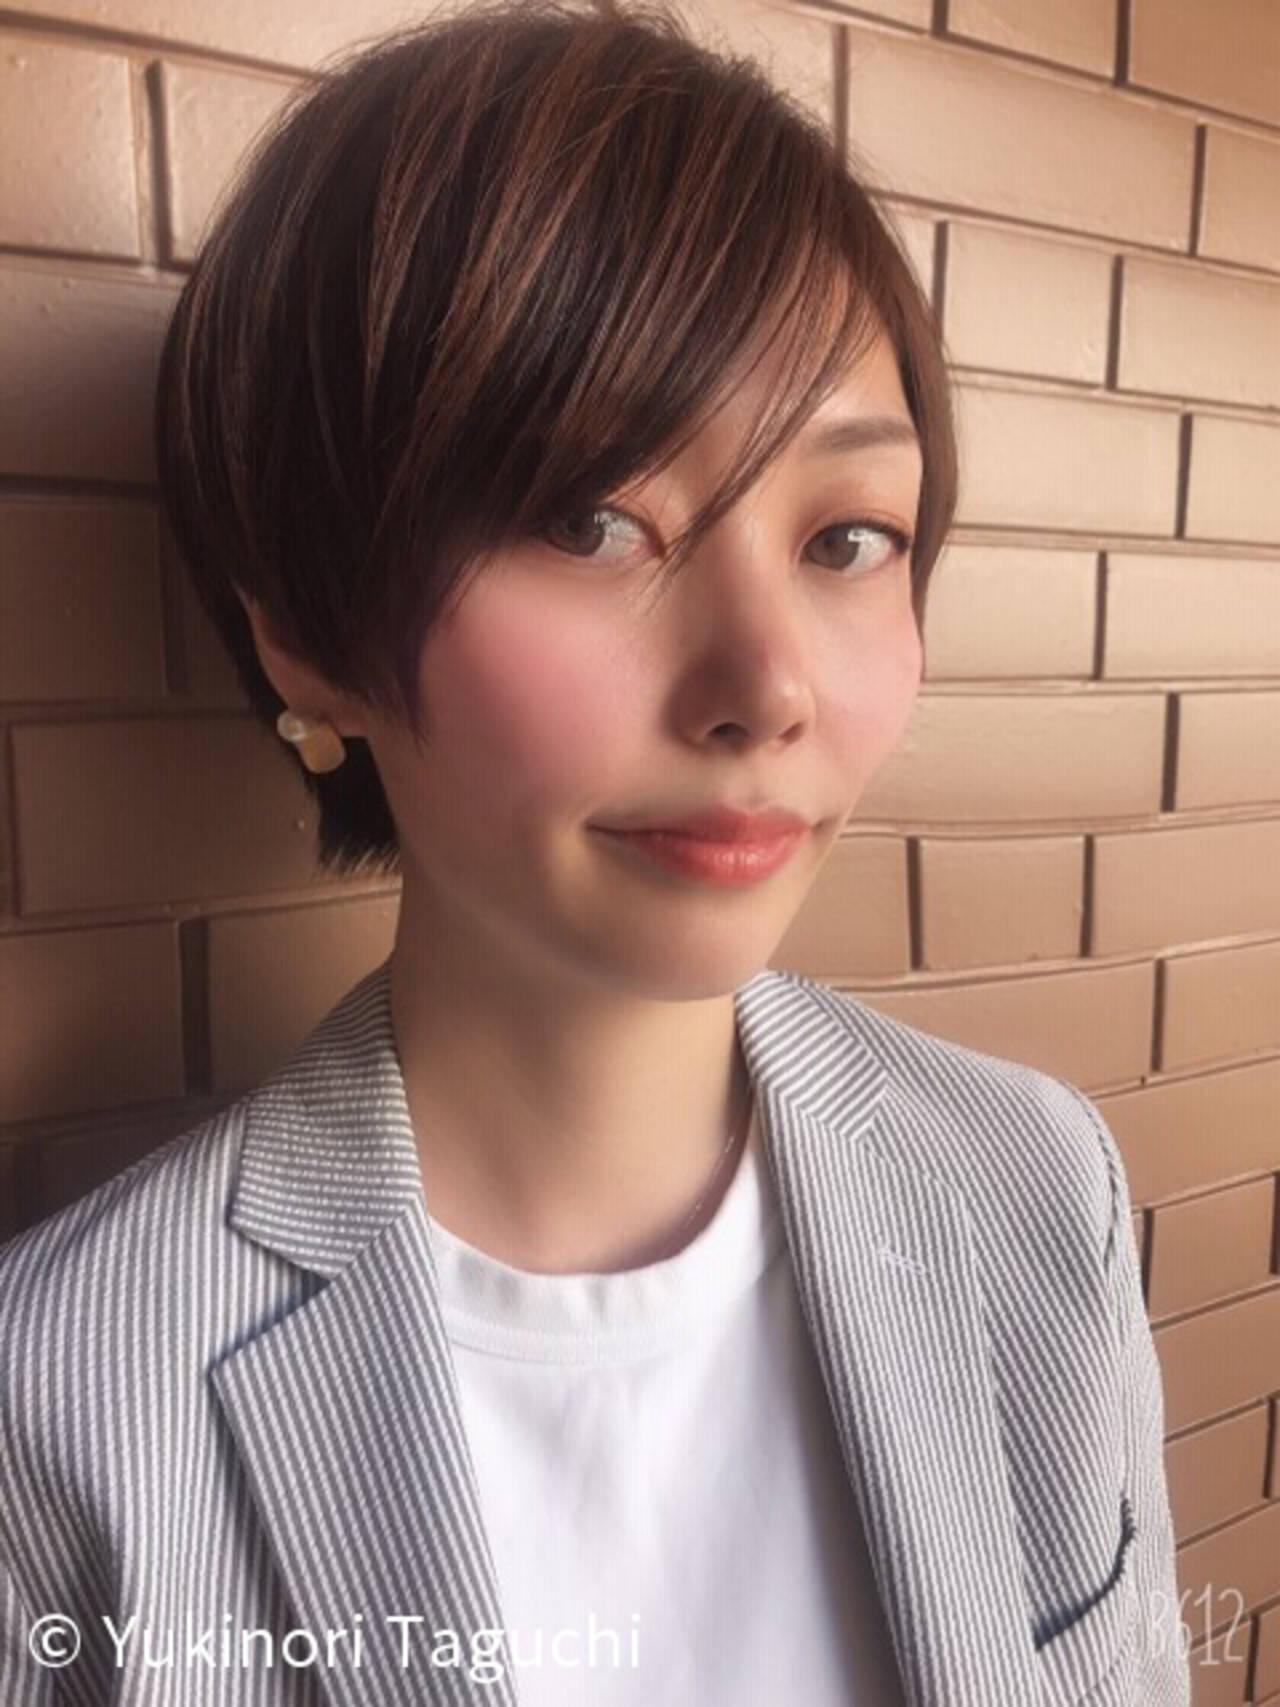 オフィス 大人かわいい カジュアル ヘアカラーヘアスタイルや髪型の写真・画像